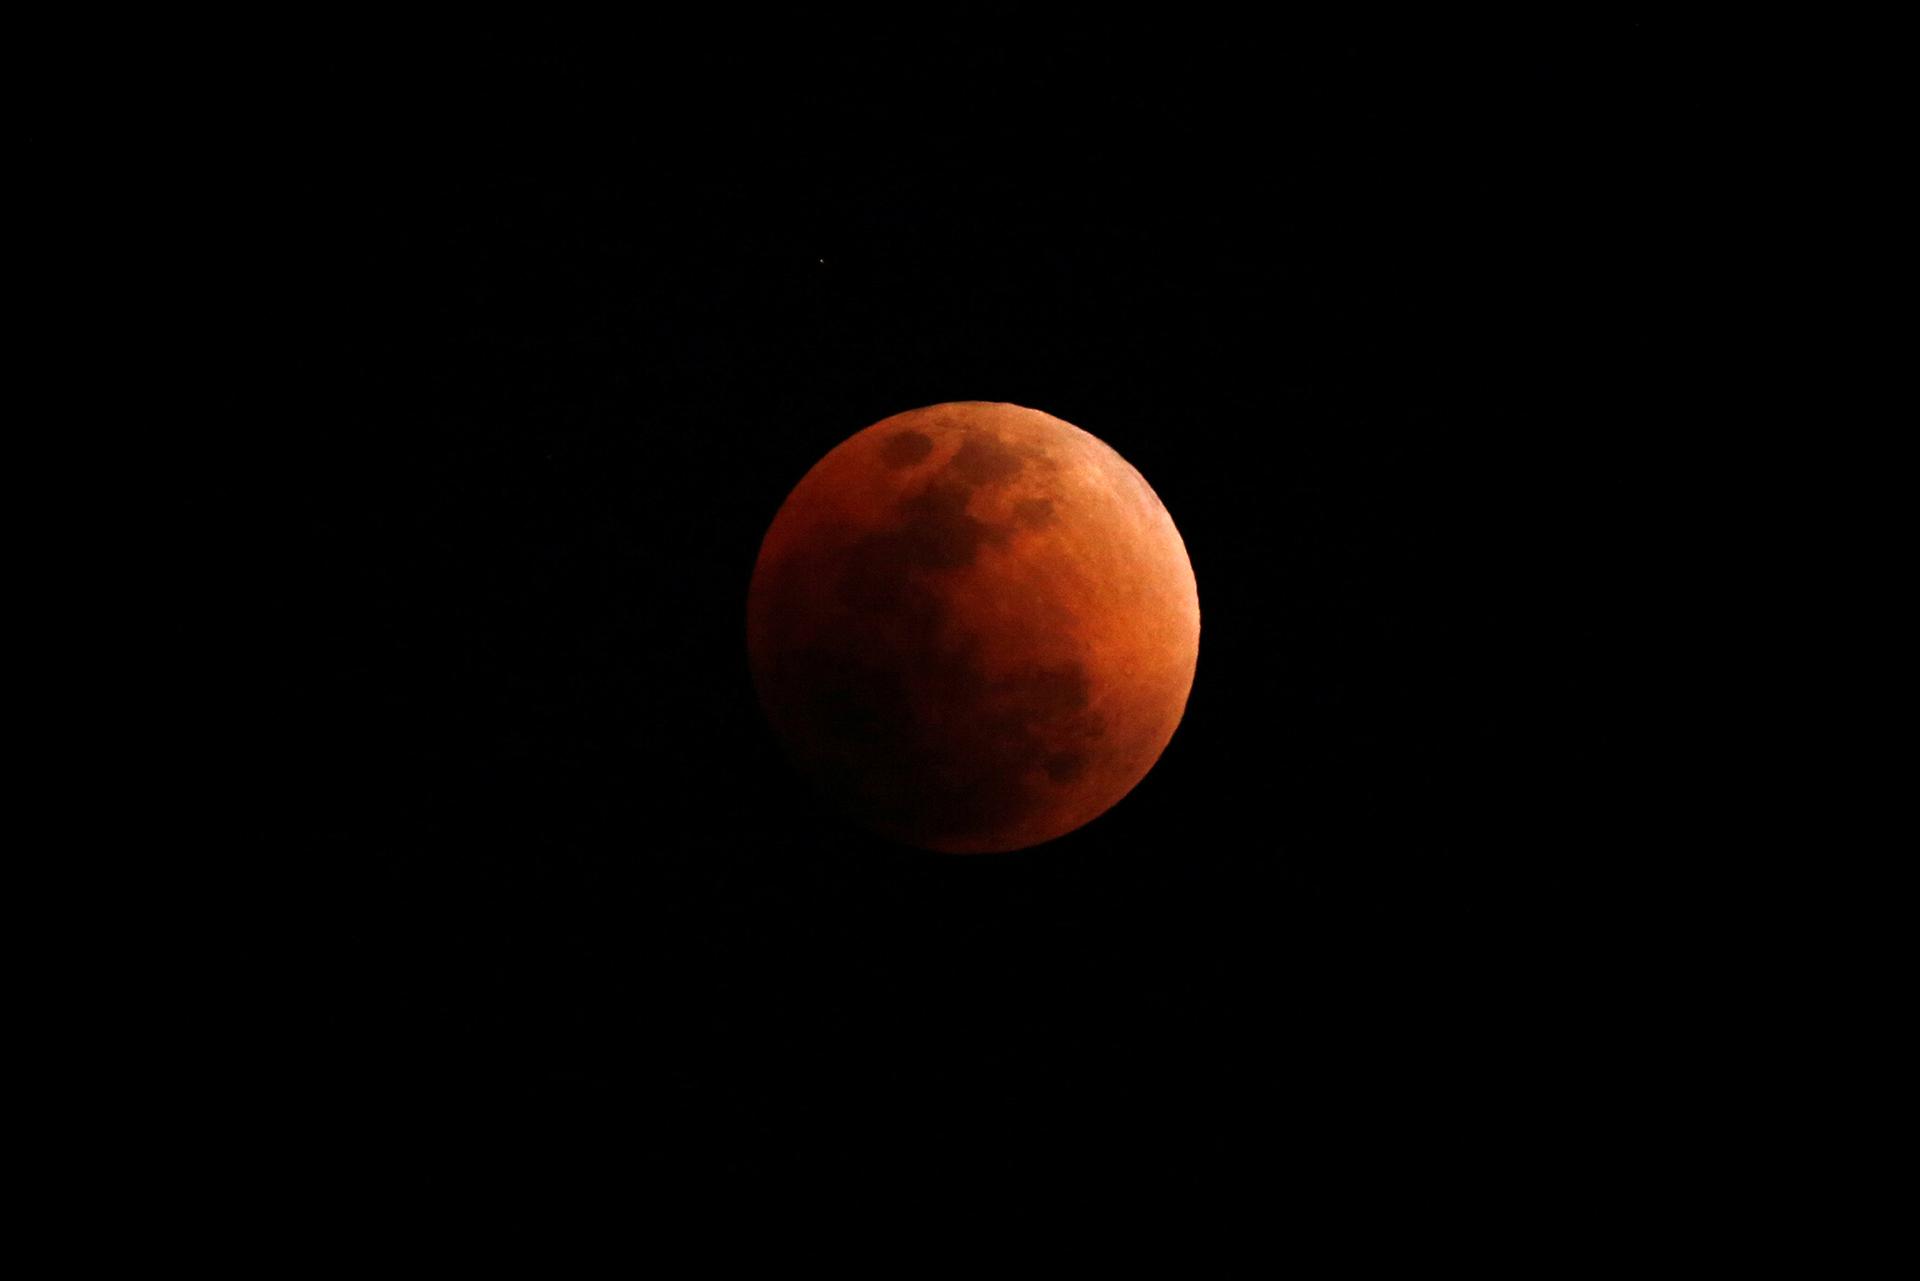 Lunar eclipse 21